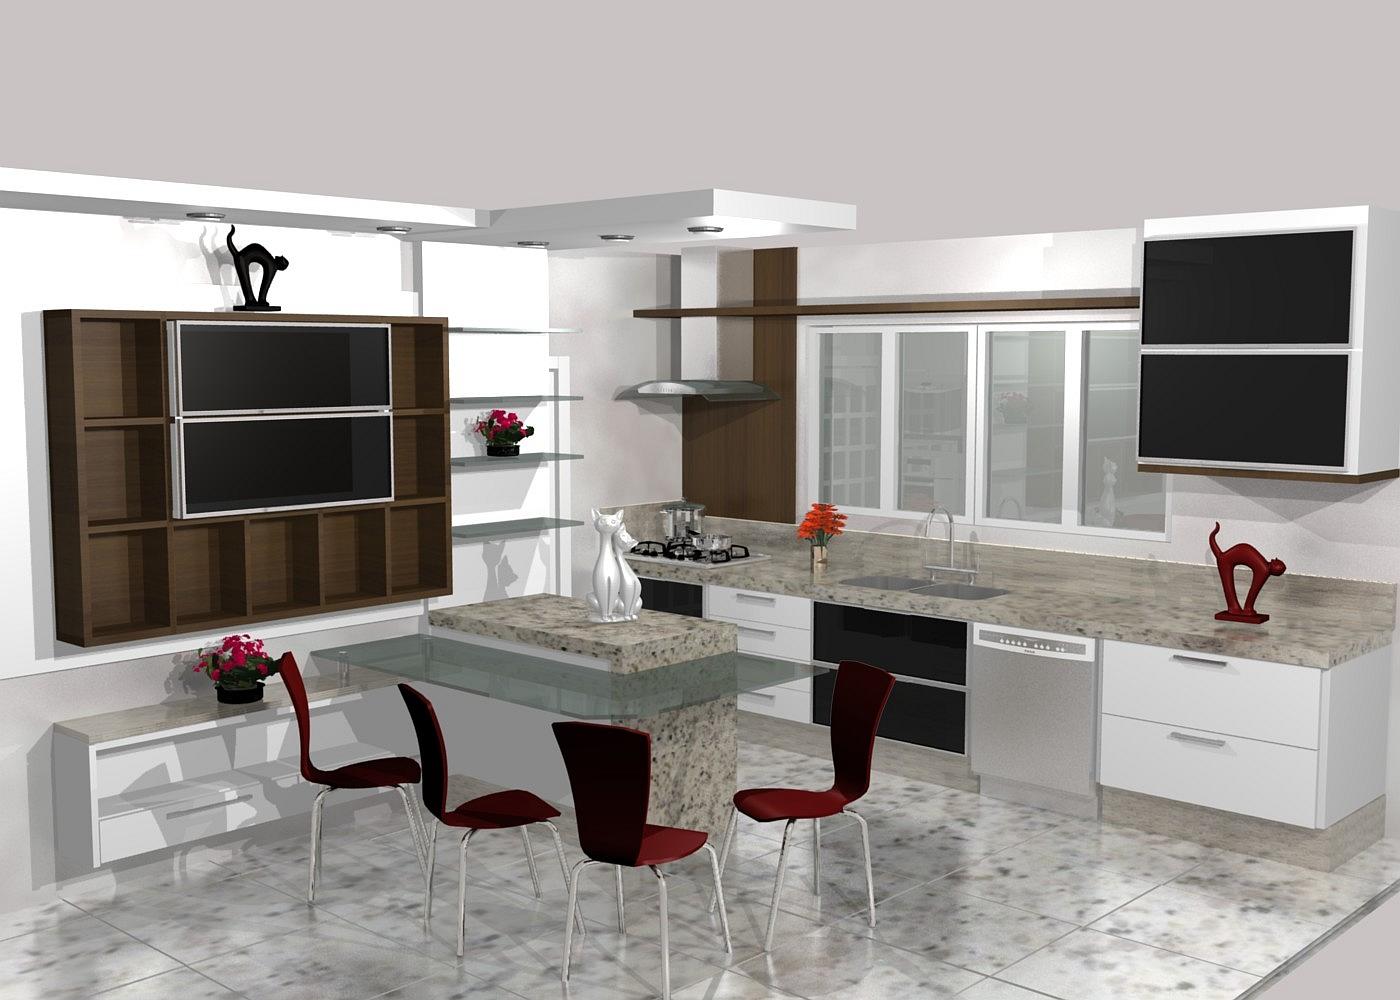 Cel (11) 98477 3234: cozinhas planejadas cozinhas simples pequenas  #603B32 1400 1000